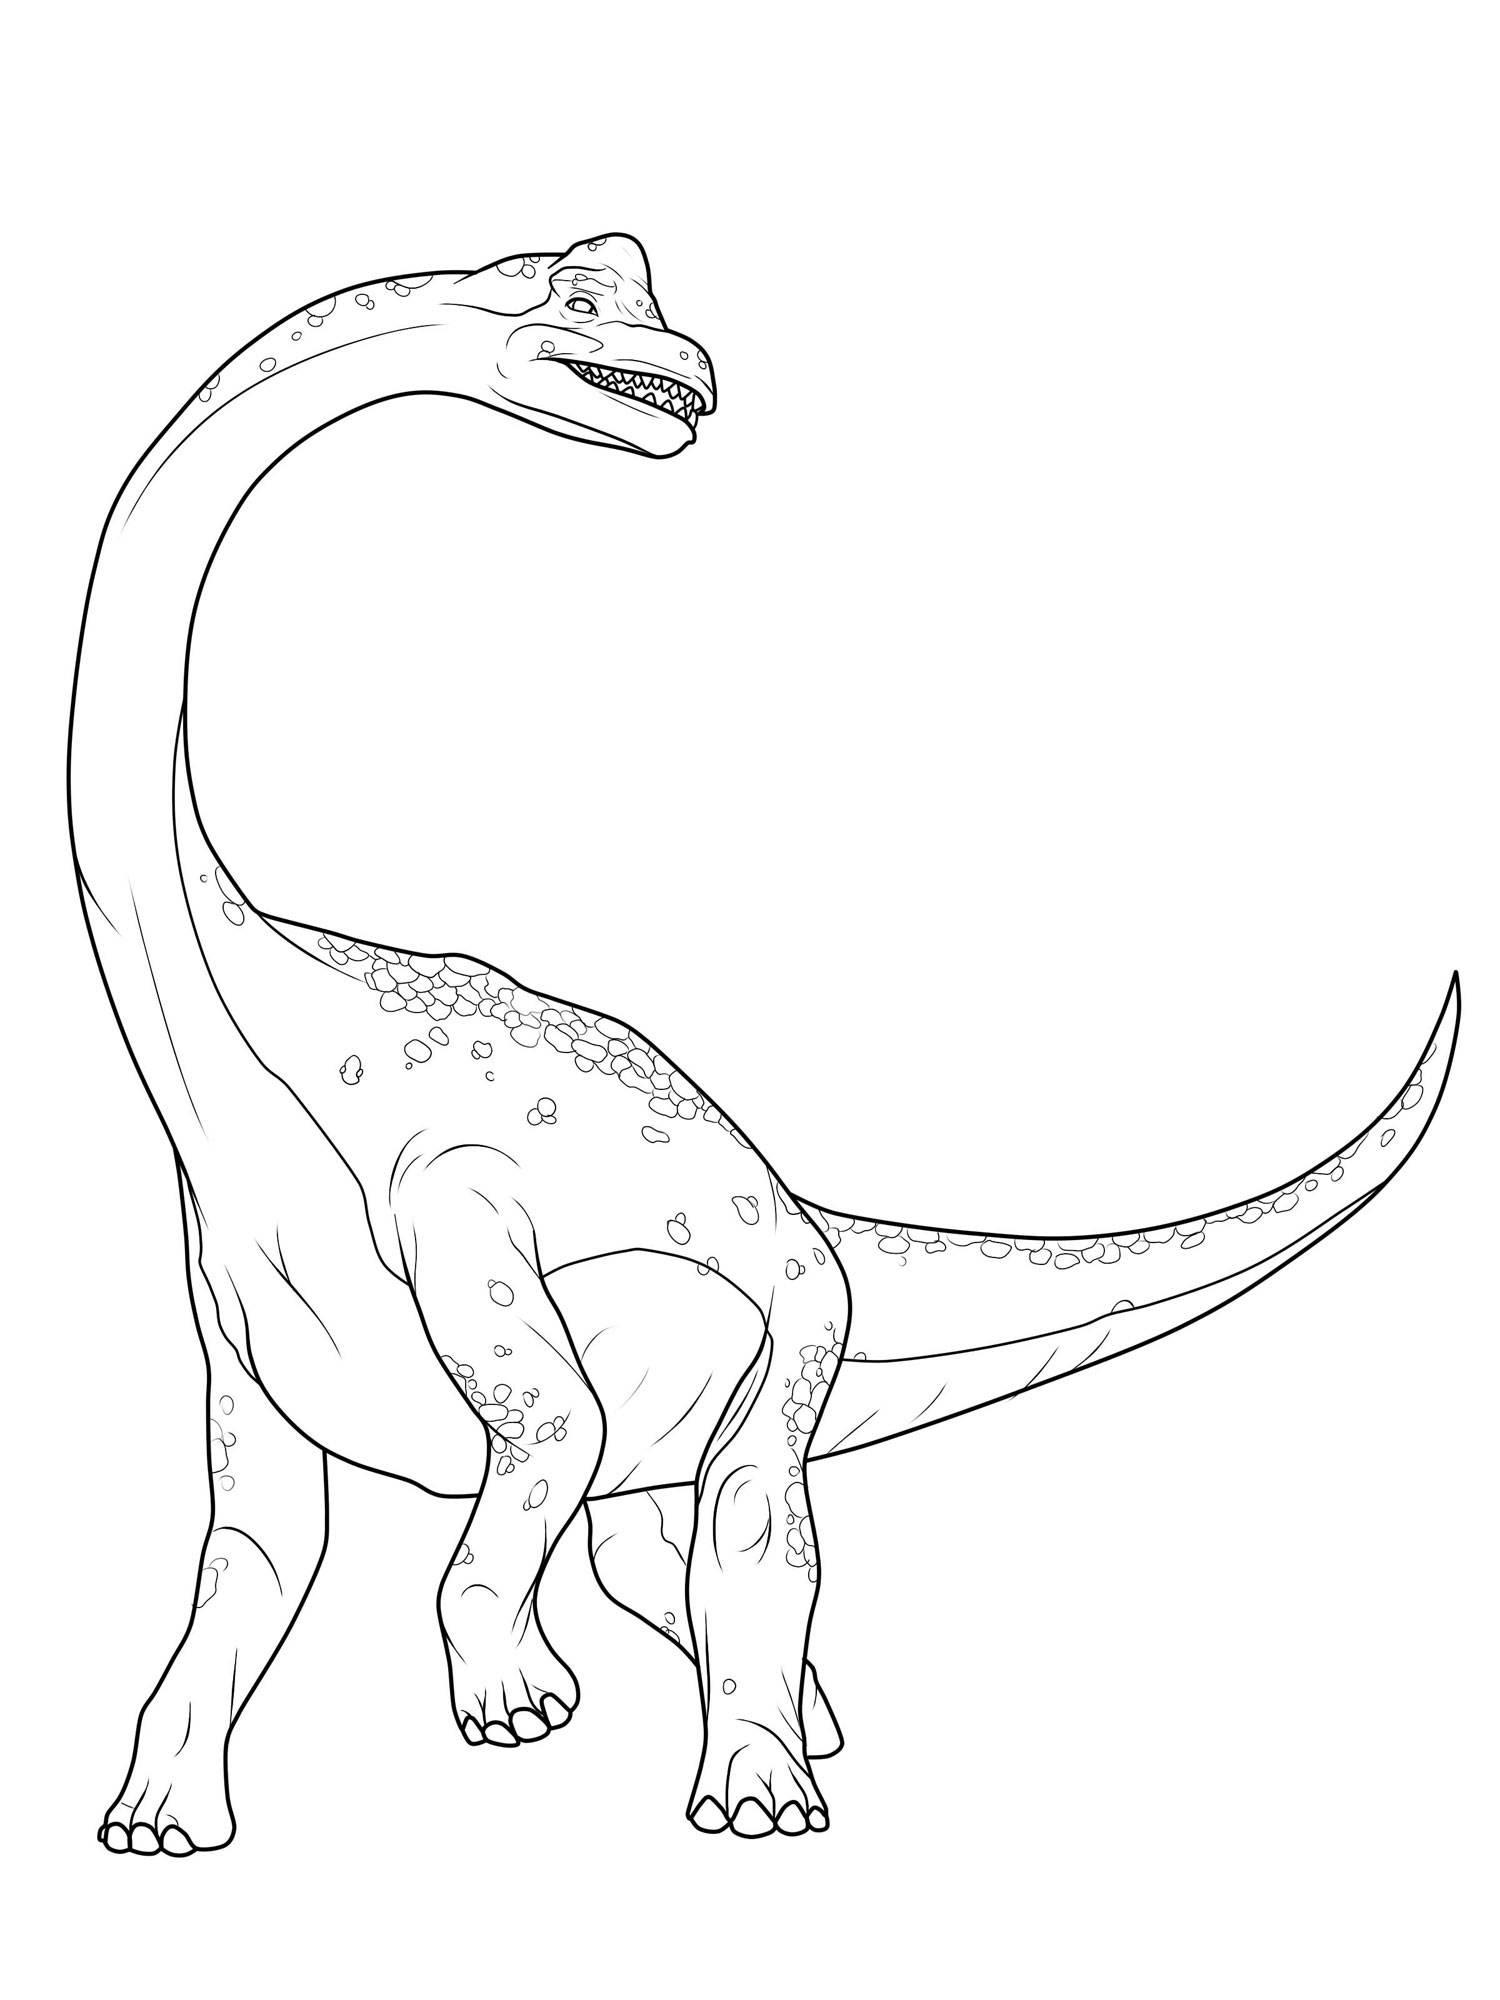 Ausmalbild Dinosaurier und Steinzeit Dinosaurier Brachiosaurus kostenlos ausdrucken